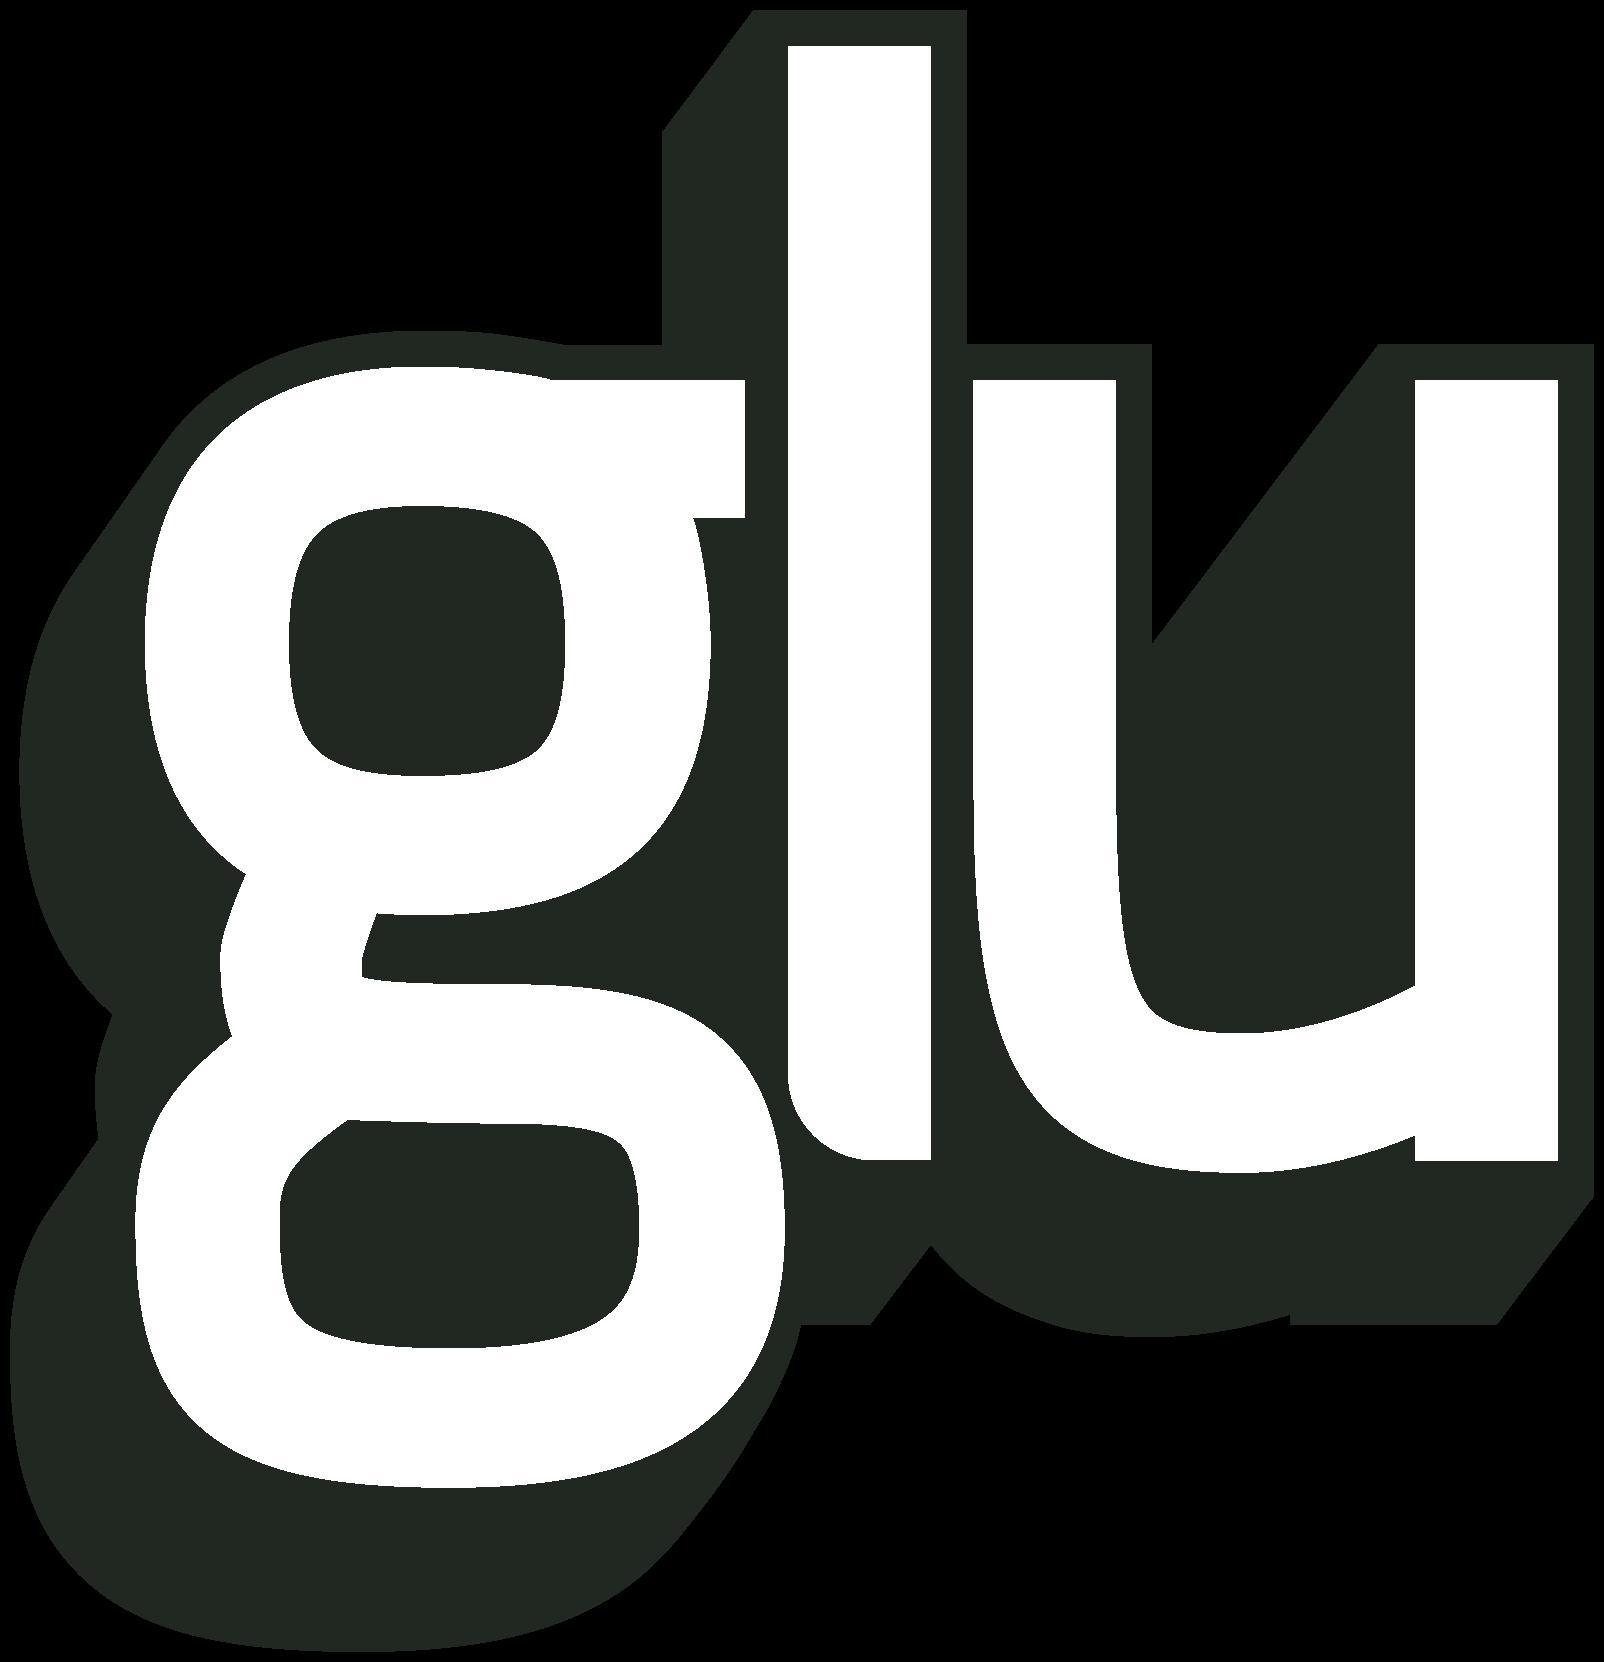 Sec filing glu mobile. Leader clipart stockholder